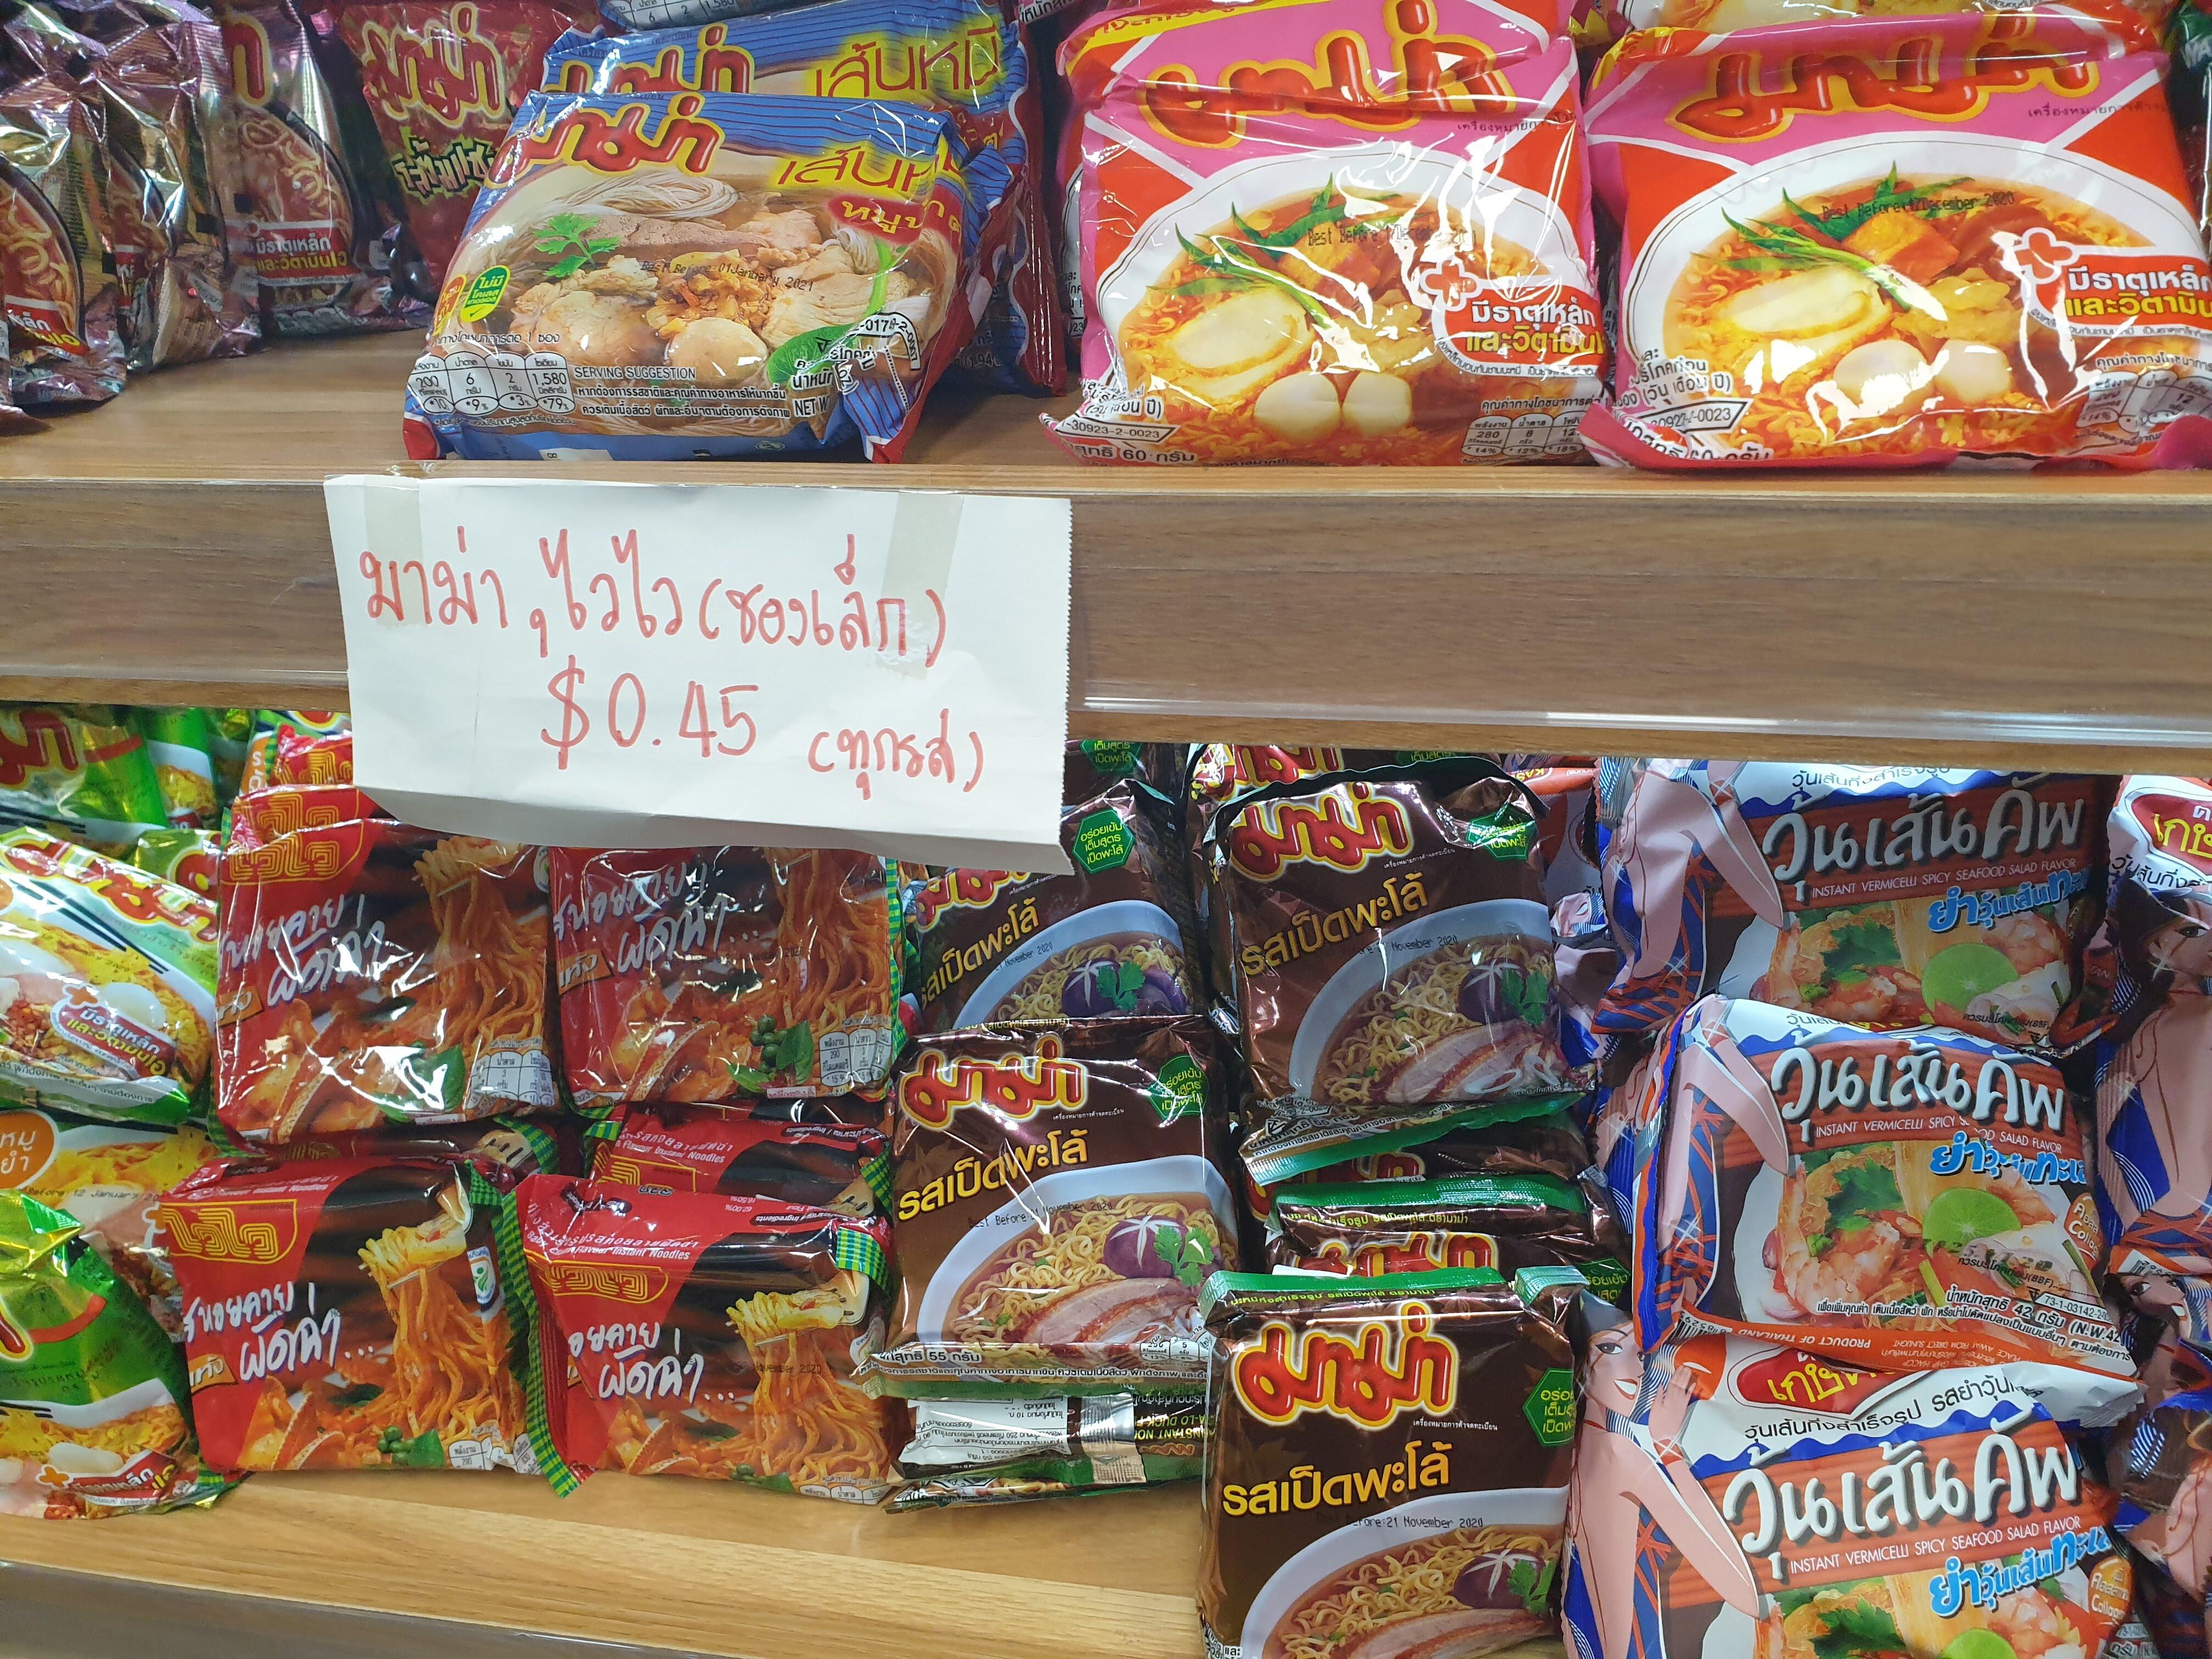 ヘイマーケットにタイのお店が集まる『タイタウン』があるのを知ってますか⁉︎